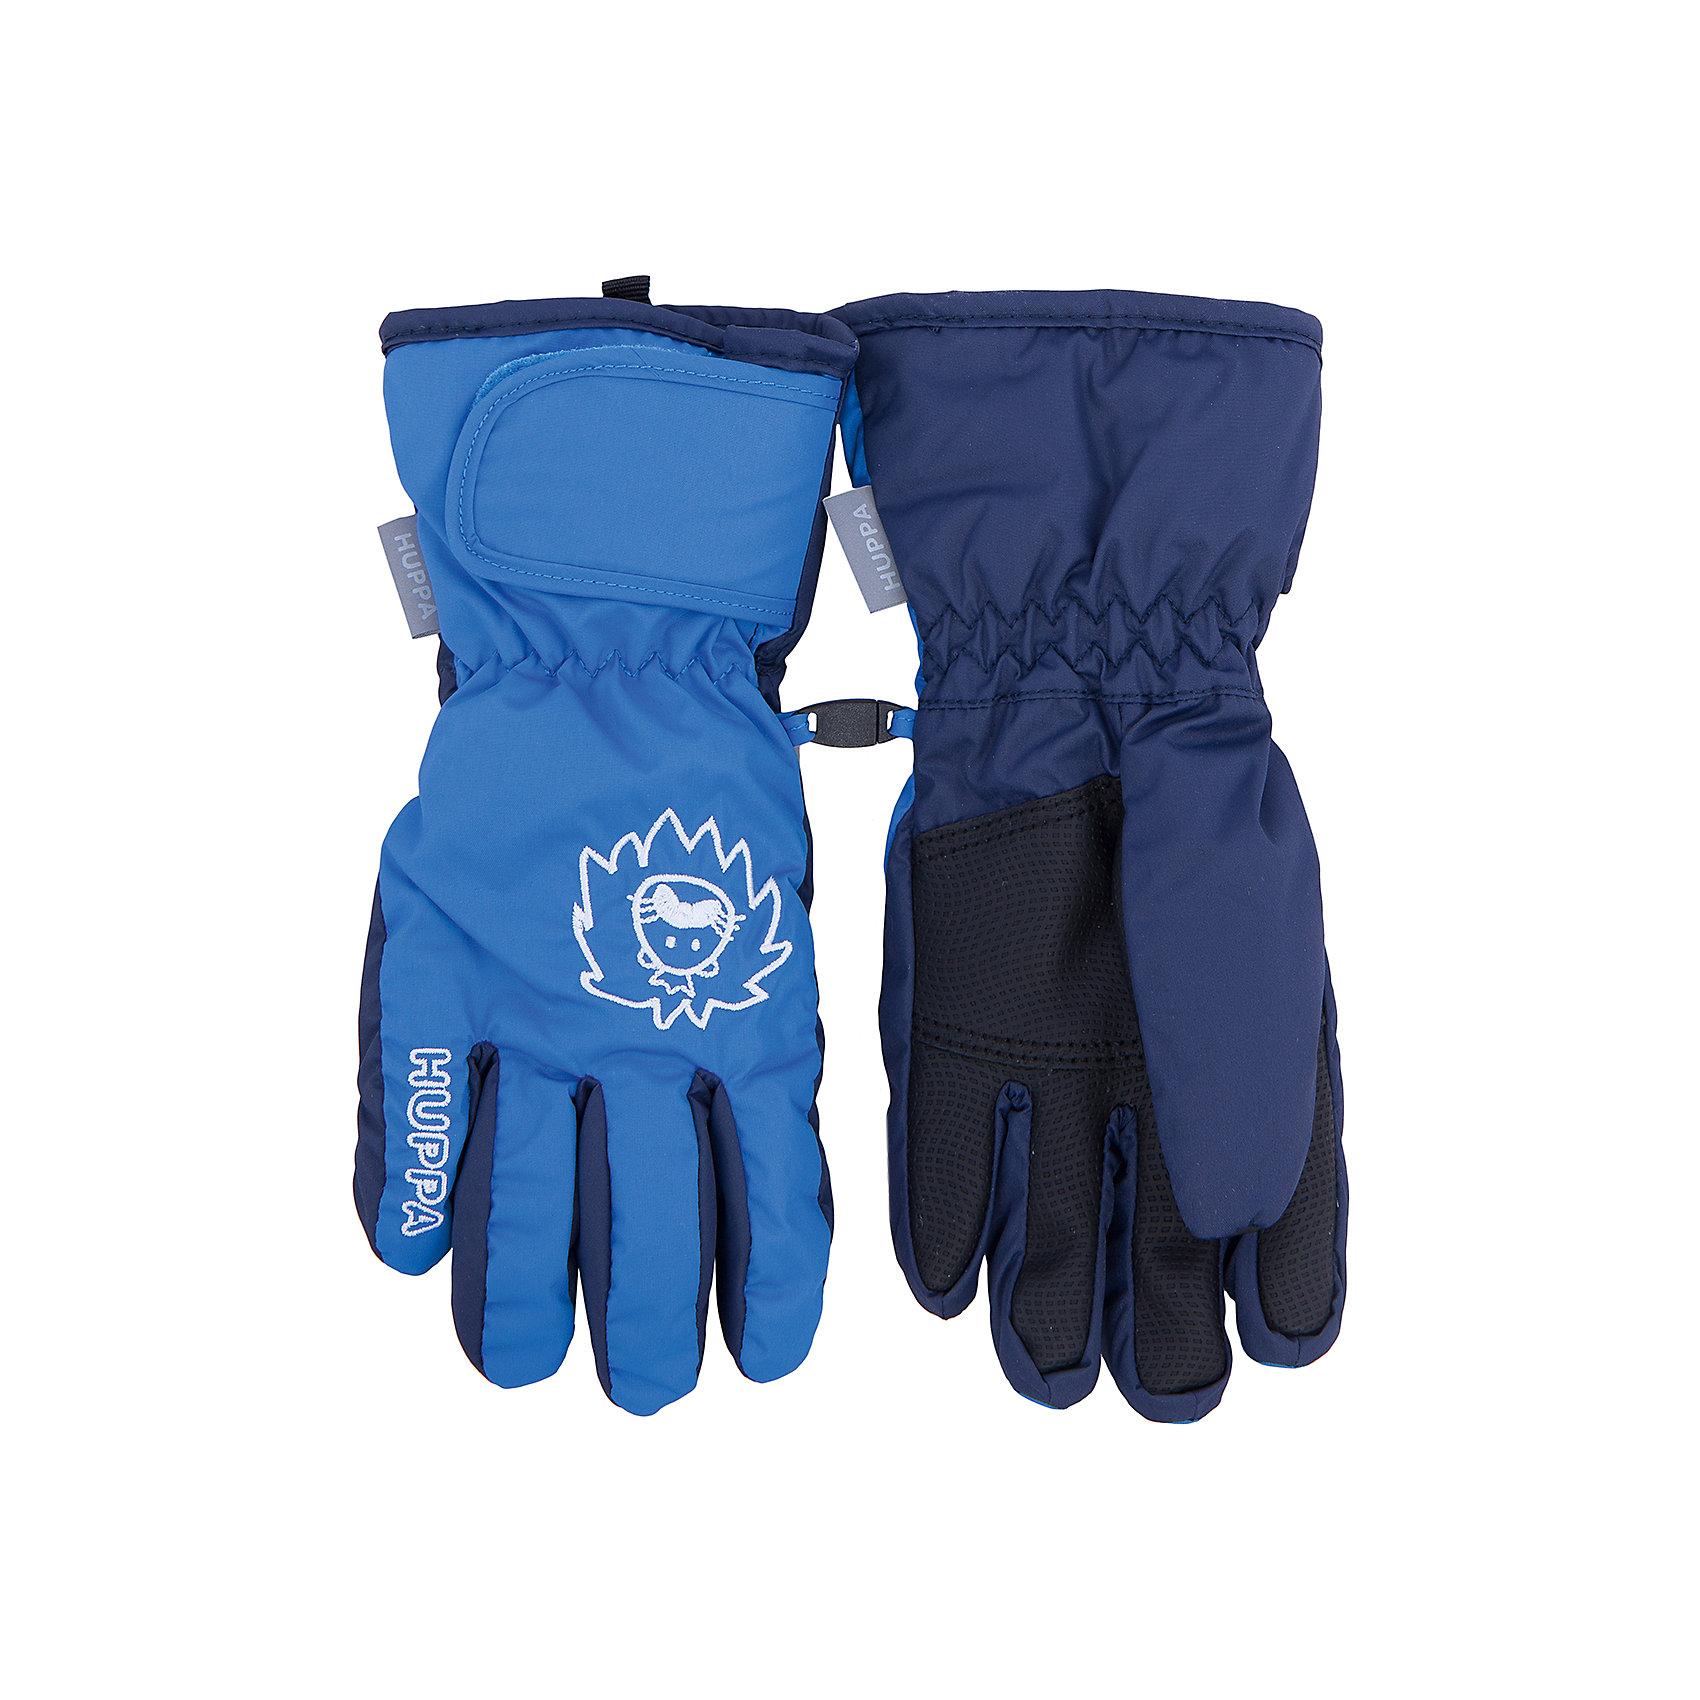 Перчатки    HuppaПерчатки, варежки<br>Яркие перчатки RIXTON Huppa(Хуппа).<br><br>Утеплитель: 100% полиэстер, 90 гр.<br><br>Температурный режим: до -20 градусов. Степень утепления – средняя. <br><br>* Температурный режим указан приблизительно — необходимо, прежде всего, ориентироваться на ощущения ребенка. Температурный режим работает в случае соблюдения правила многослойности – использования флисовой поддевы и термобелья.<br><br>Имеют водоотталкивающую дышащую поверхность и сохранят руки ребенка в тепле. Перчатки имеют резинку на запястье и застежку-липучку для надежной фиксации. Яркий дизайн и вышивка непременно понравятся ребенку!<br><br>Дополнительная информация:<br>Материал: 100% полиэстер<br>Подкладка: pritex, 100% полиэстер<br>Цвет: синий<br><br>Вы можете приобрести перчатки RIXTON Huppa(Хуппа) в нашем интернет-магазине.<br><br>Ширина мм: 162<br>Глубина мм: 171<br>Высота мм: 55<br>Вес г: 119<br>Цвет: синий<br>Возраст от месяцев: 108<br>Возраст до месяцев: 156<br>Пол: Унисекс<br>Возраст: Детский<br>Размер: 8,3,4,5,6,7<br>SKU: 4923788